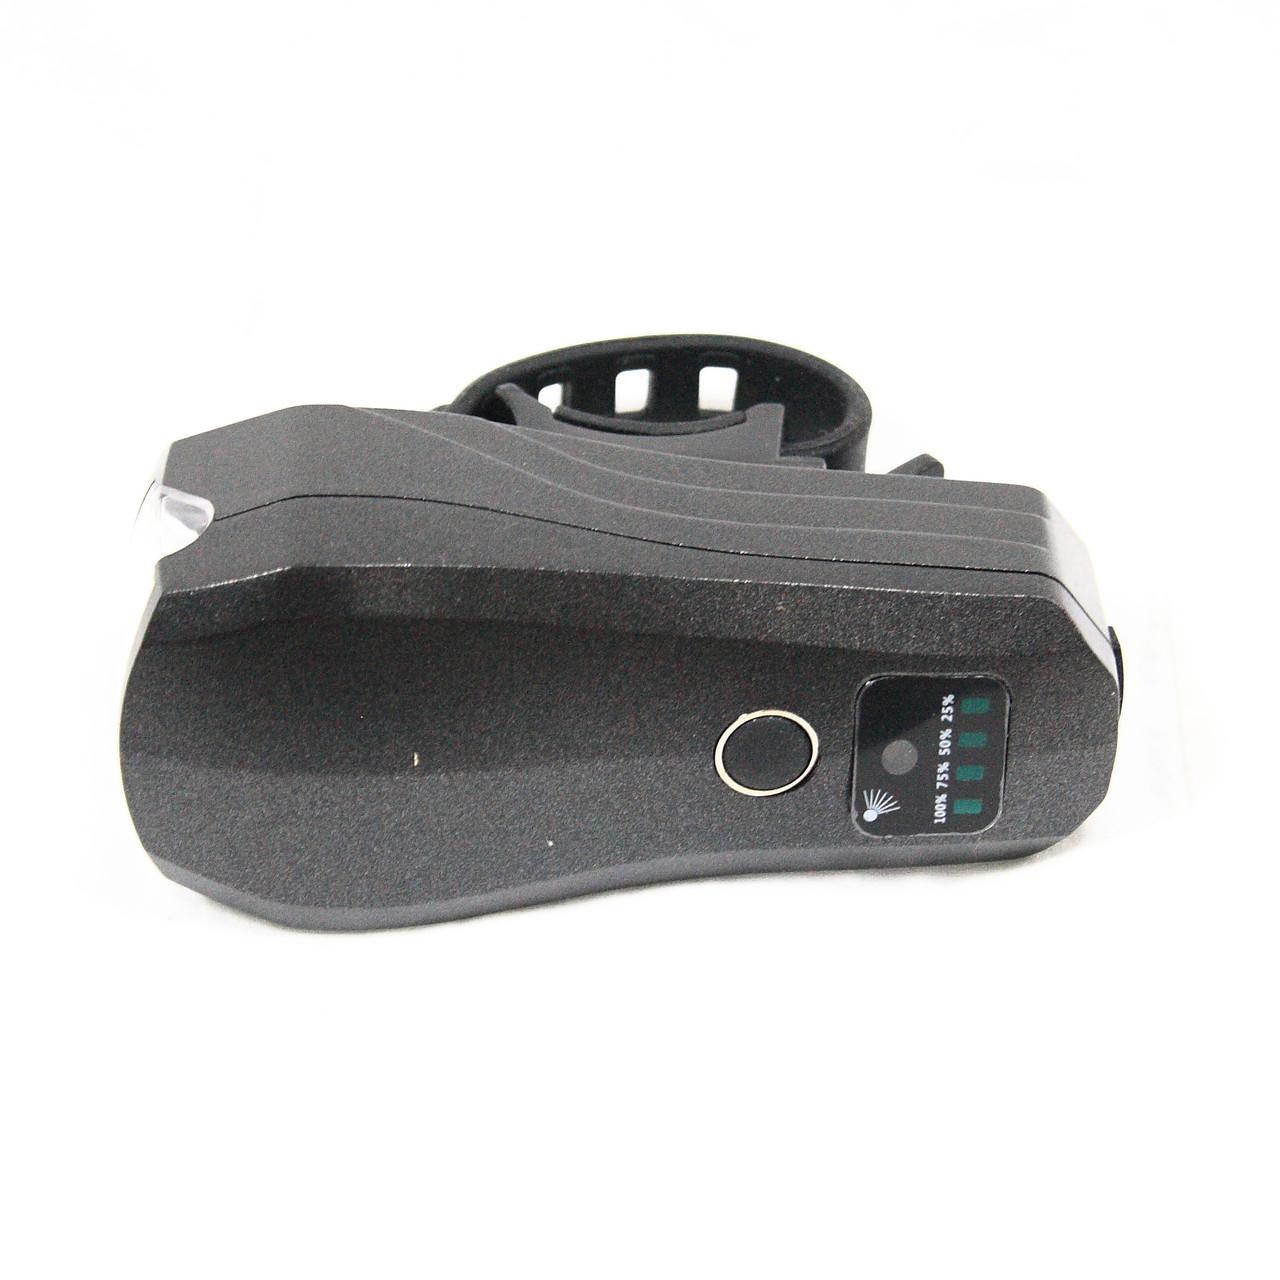 Фара с зарядкой под USB, модель 3599 (GA-21), черный